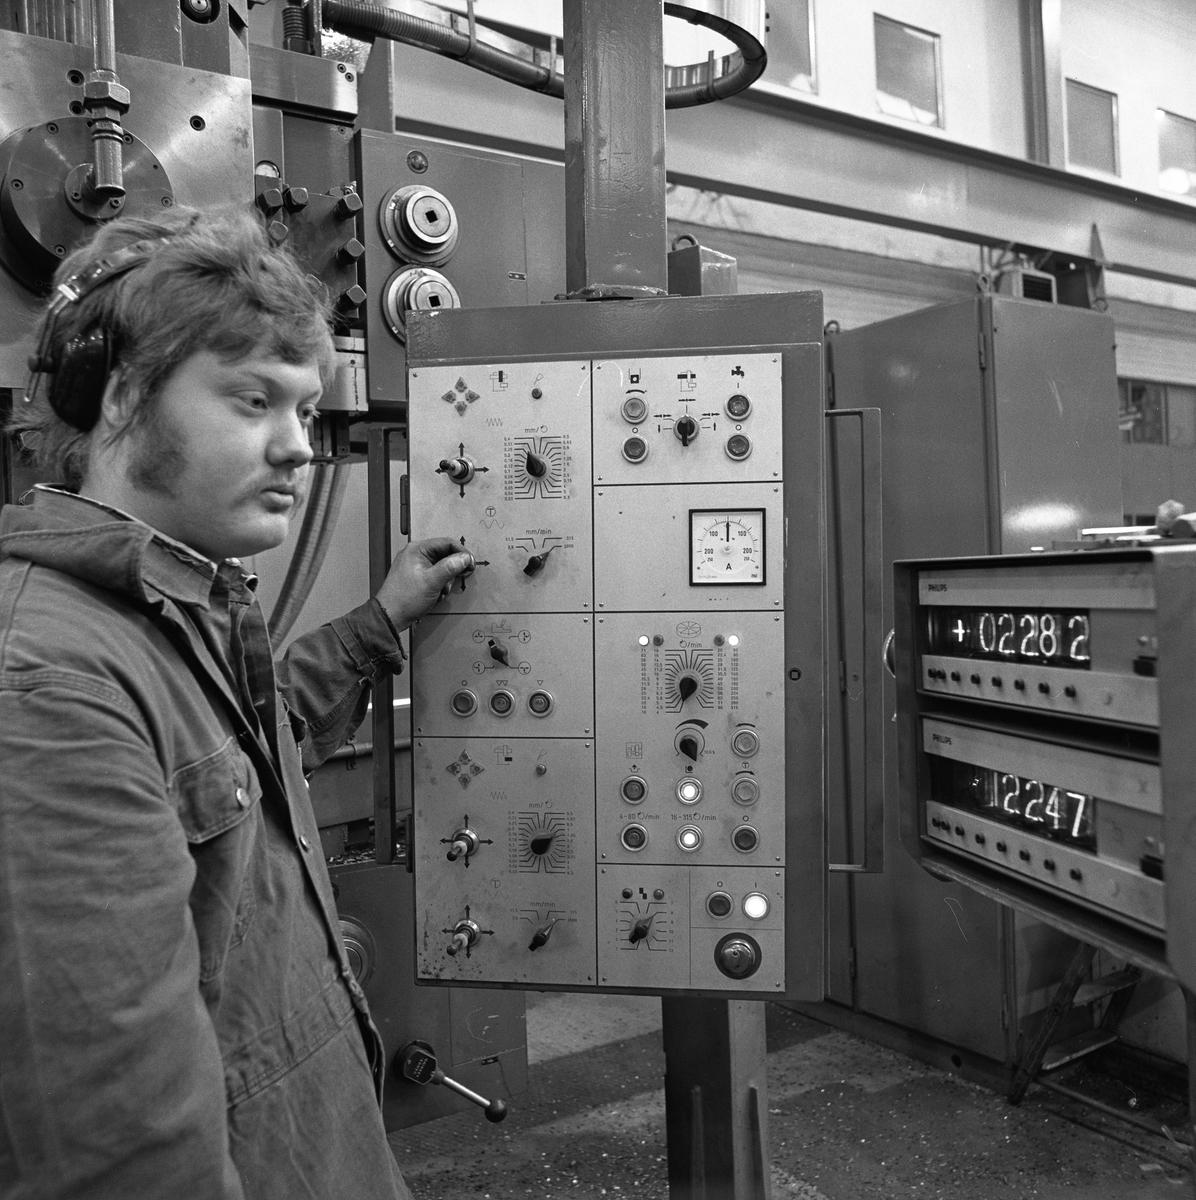 Interiör från maskinavdelningen på Arboga Mekaniska Verkstad. Mannen, vid maskinen, heter Gunnar Engberg. Han har overall och hörselskydd på sig.  25 september 1856 fick AB Arboga Mekaniska Verkstad rättigheter att anlägga järngjuteri och mekanisk verkstad. Verksamheten startade 1858. Meken var först i landet med att installera en elektrisk motor för drift av verktygsmaskiner vid en taktransmission (1887).  Gjuteriet lades ner 1967. Den mekaniska verkstaden lades ner på 1980-talet. Läs om Meken i Hembygdsföreningen Arboga Minnes årsbok från 1982.